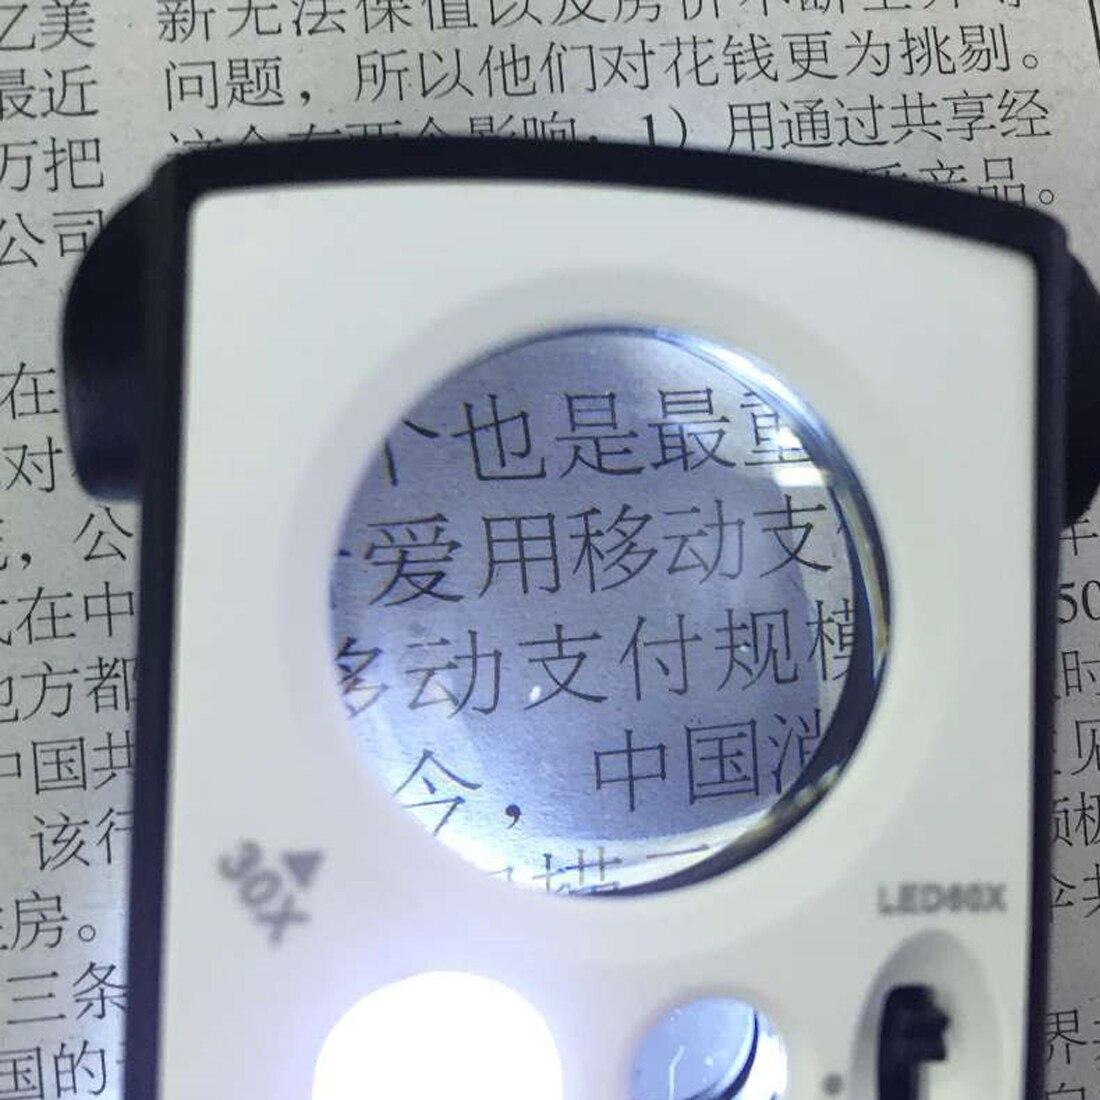 jóias leitura alta ampliação acrílico lente óptica lupa com led uv